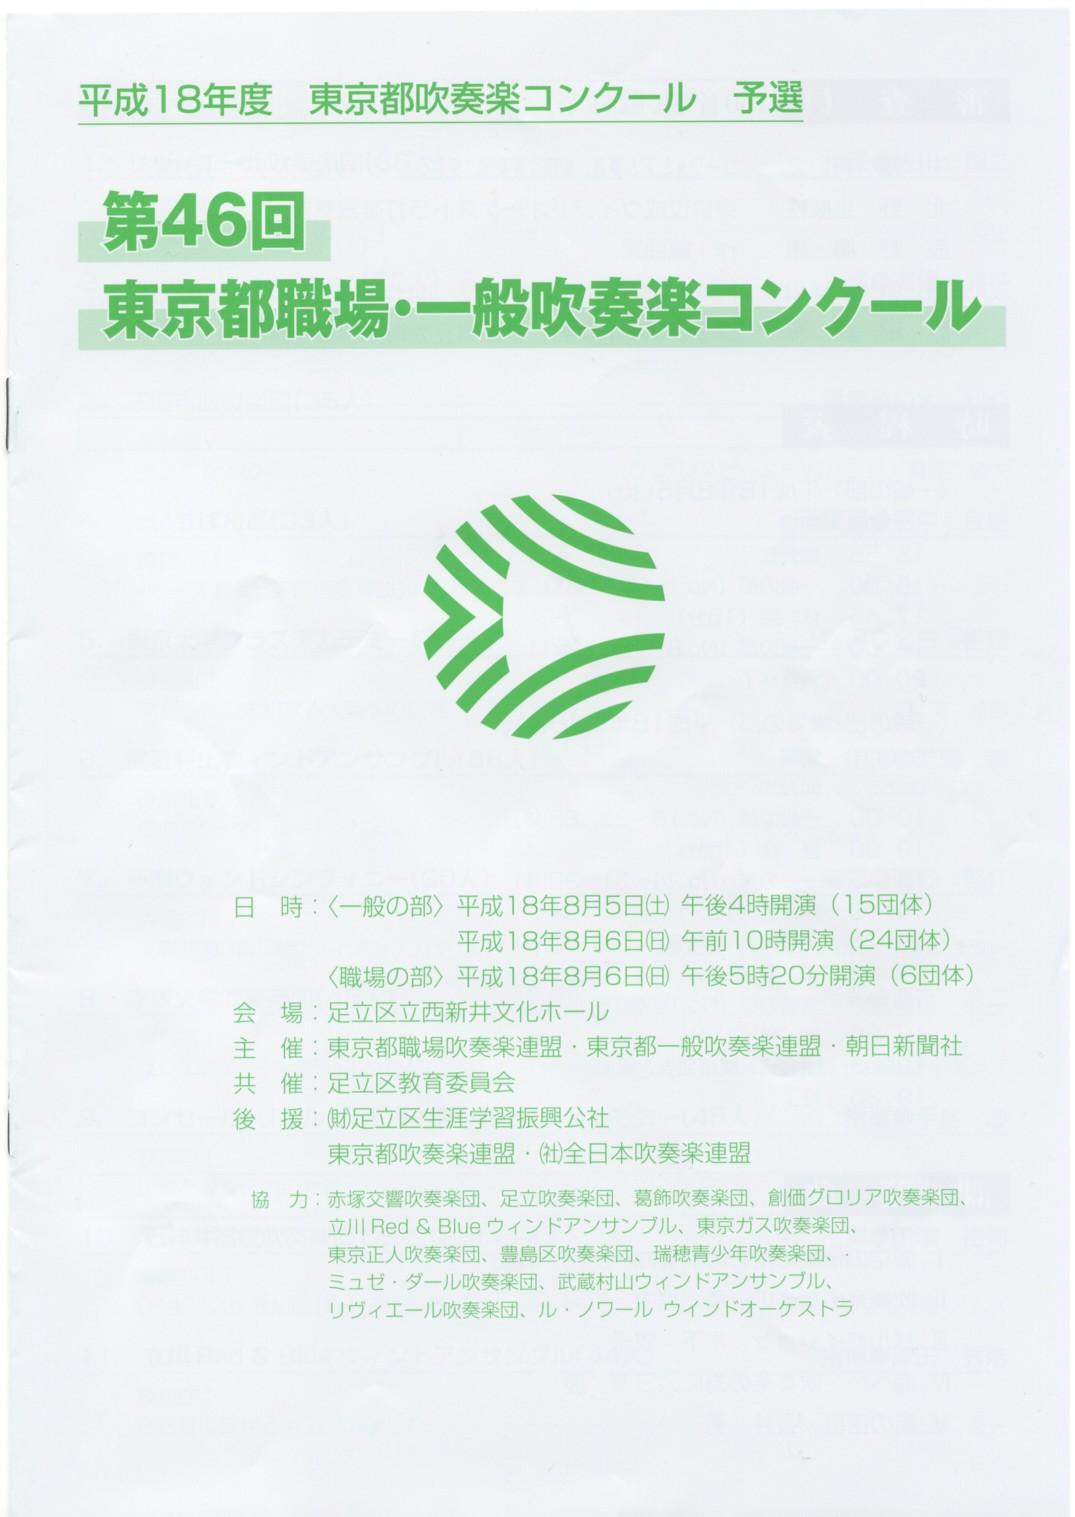 2006コンクール